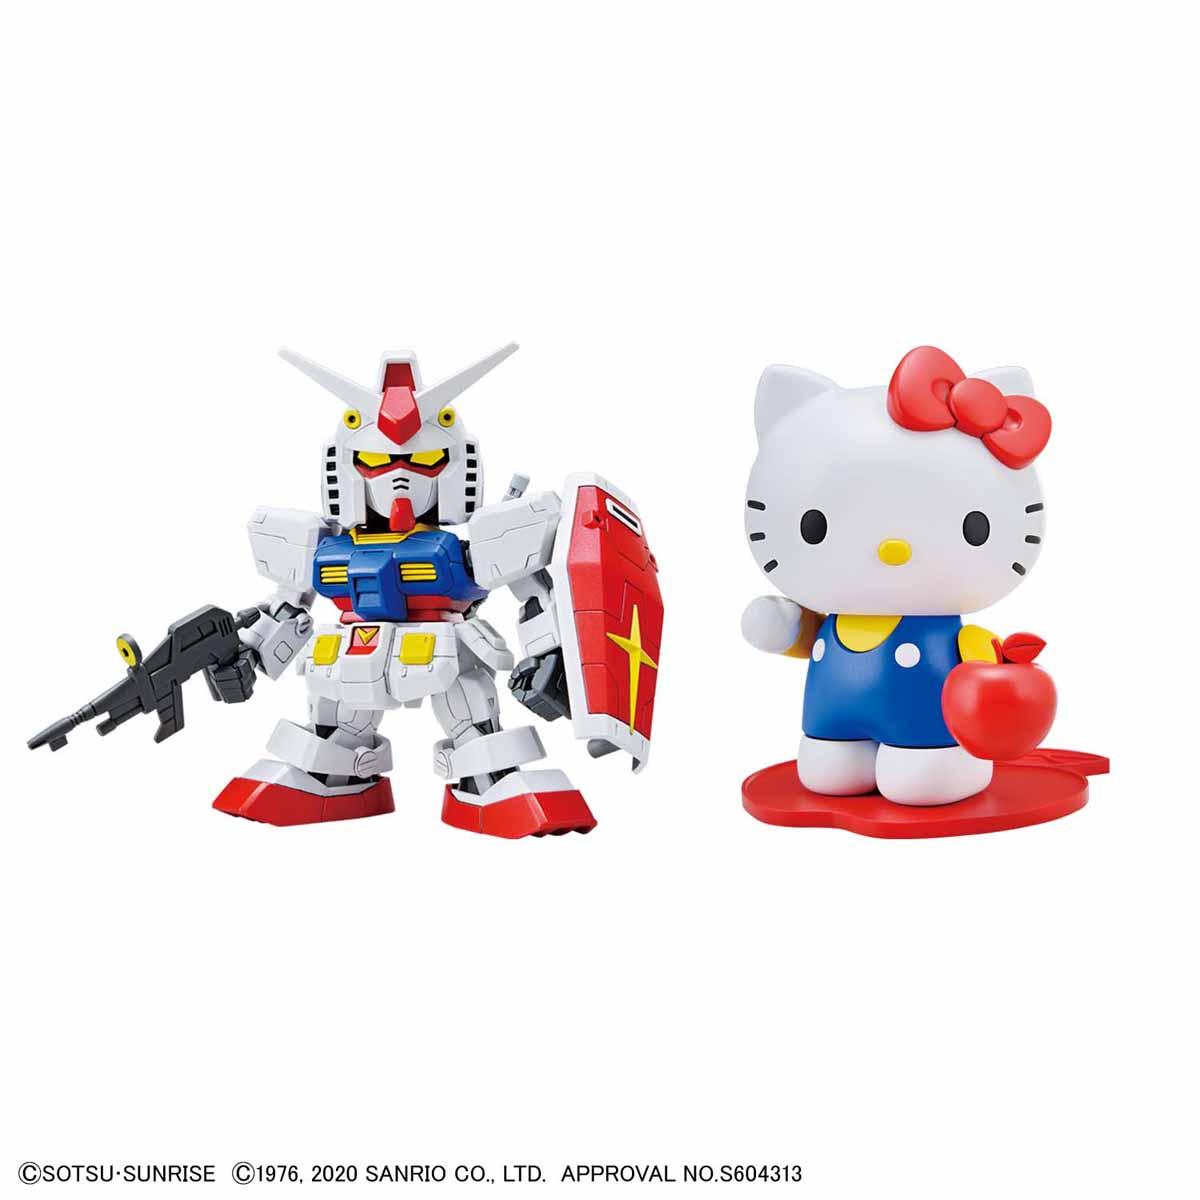 『ハローキティ / RX-78-2 ガンダム[SD EX-STANDARD]』プラモデル-001